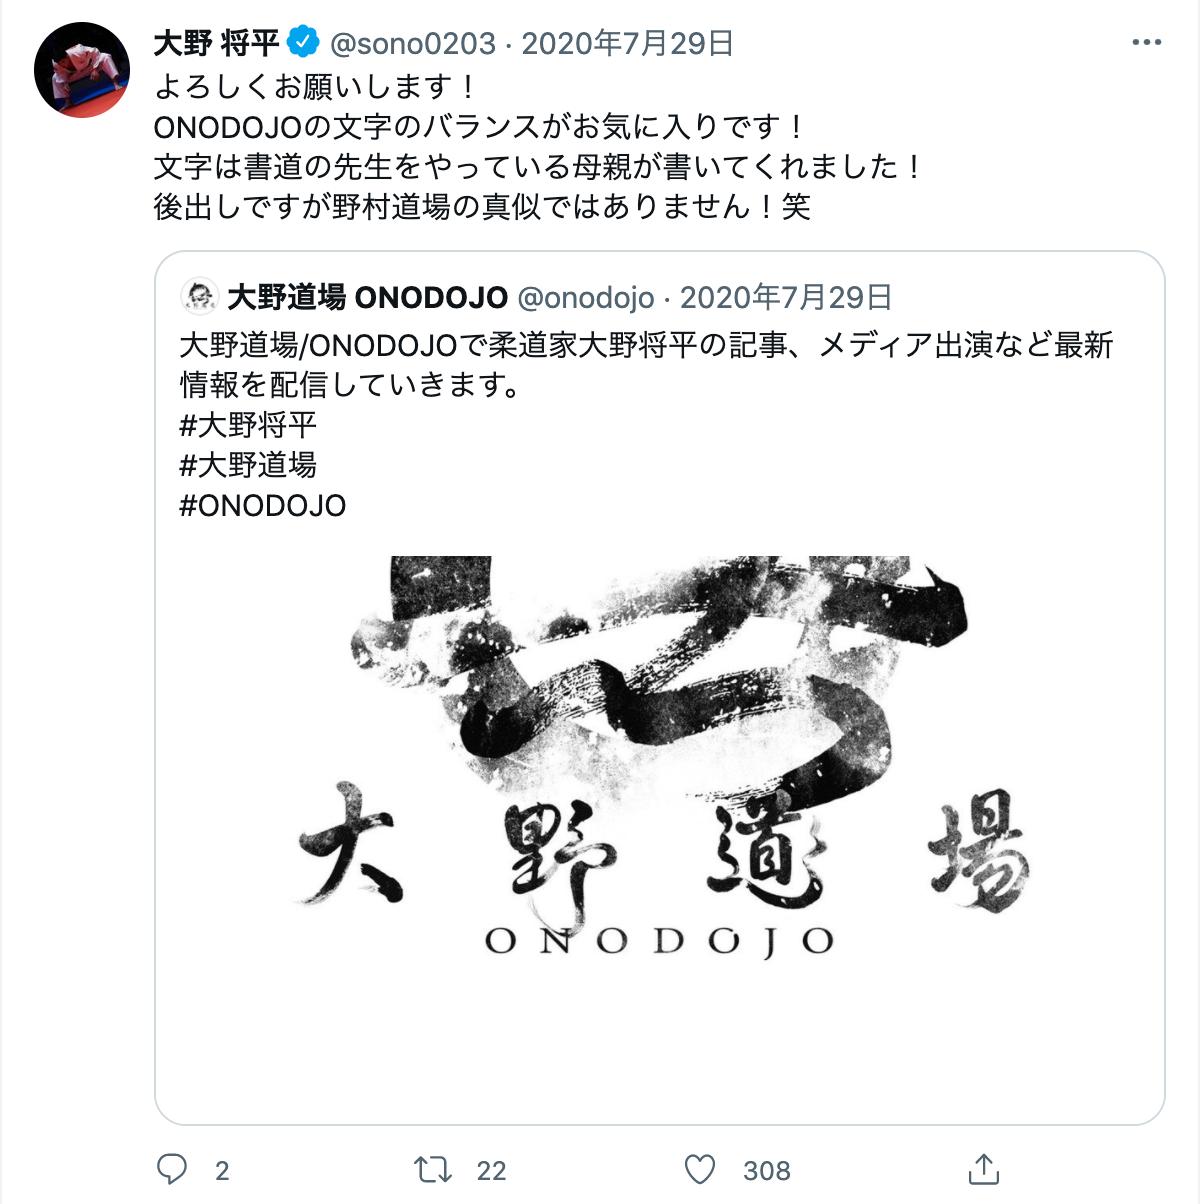 大野将平さんのTwitter